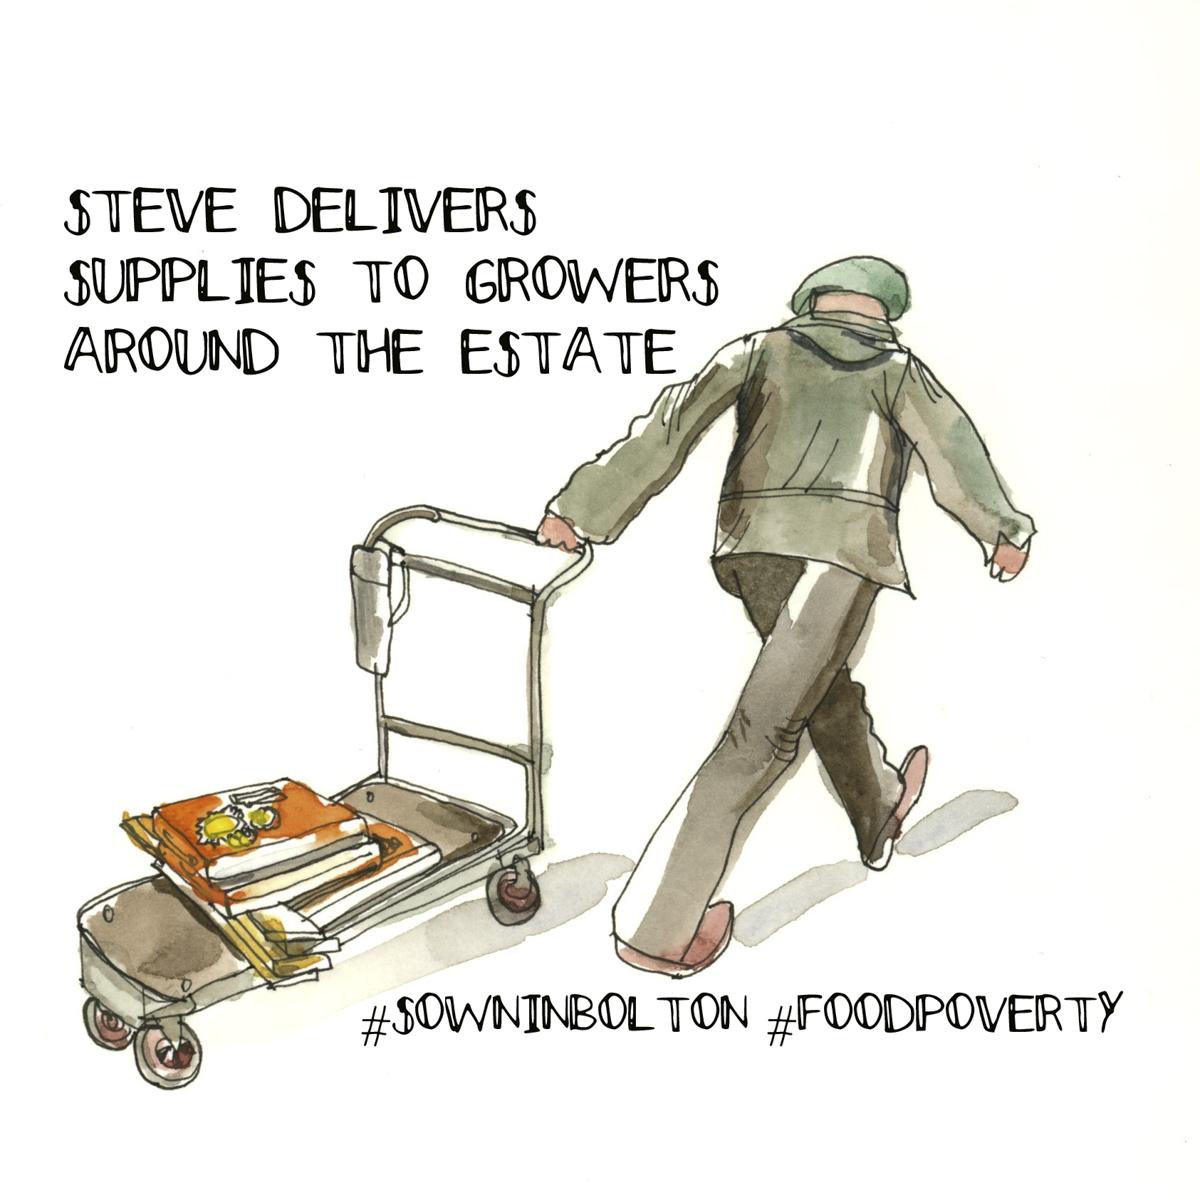 Steve_trolley_001-Edit